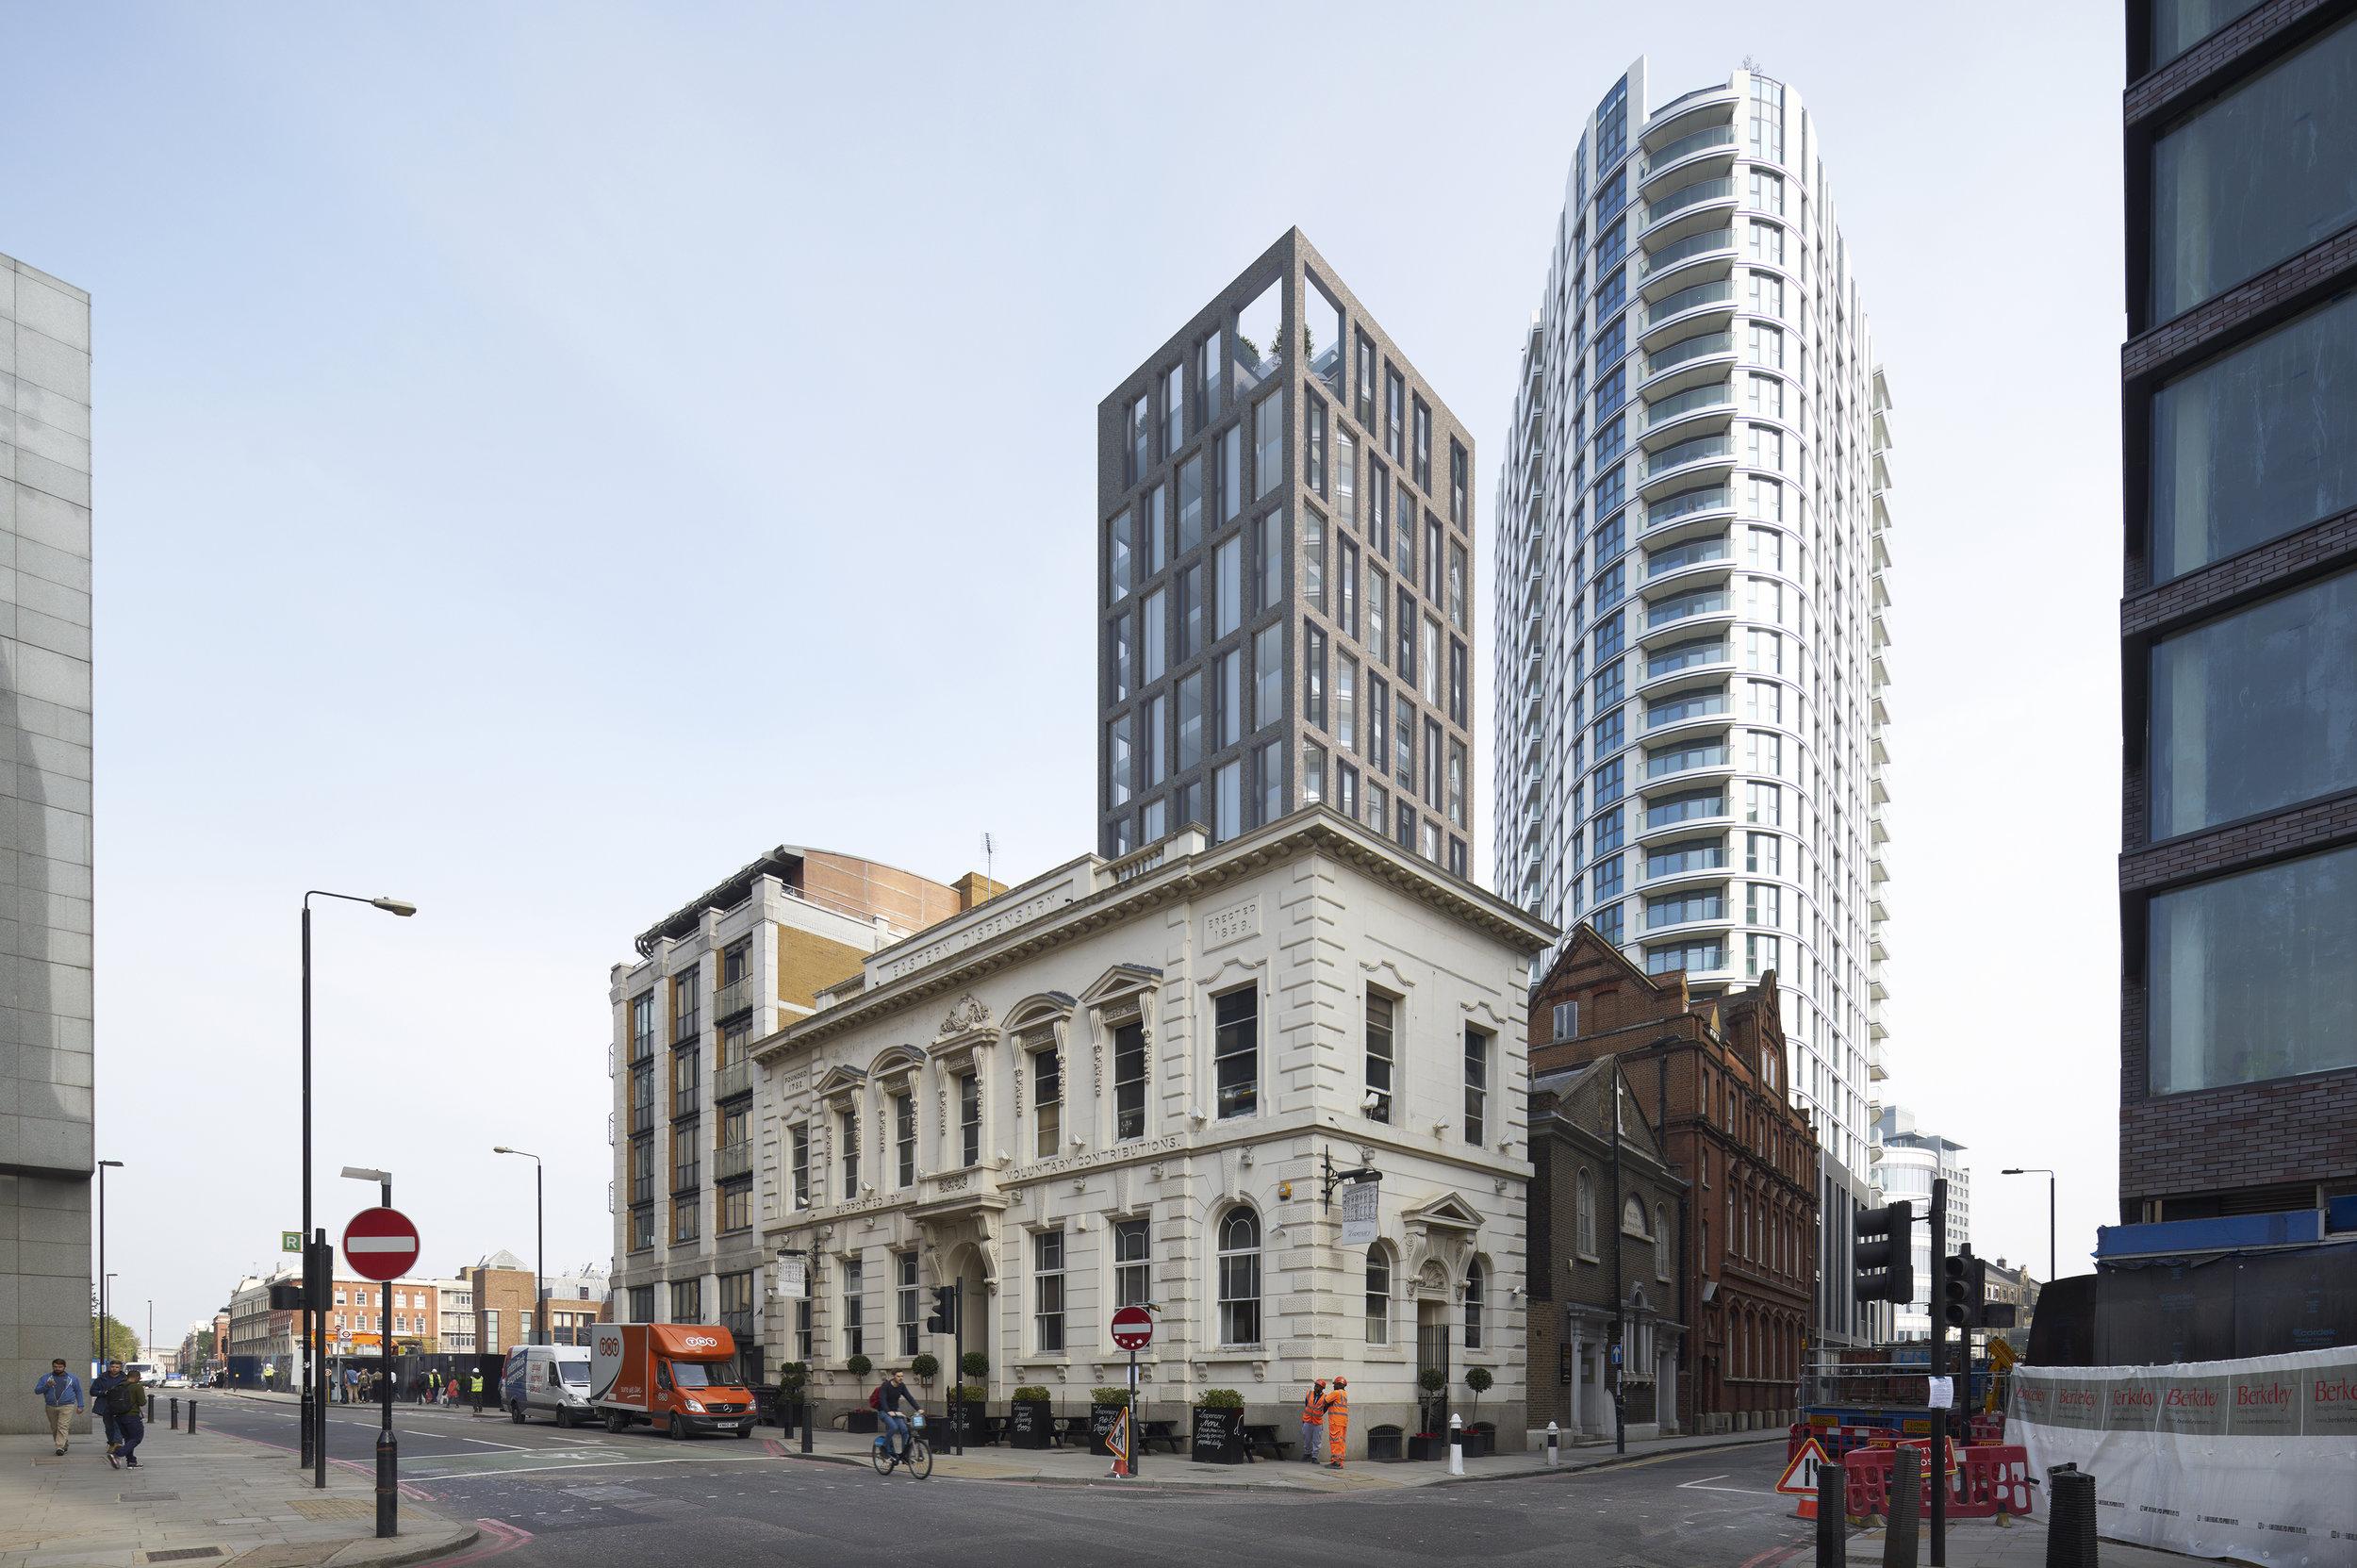 Enterprise house Whitechapel -